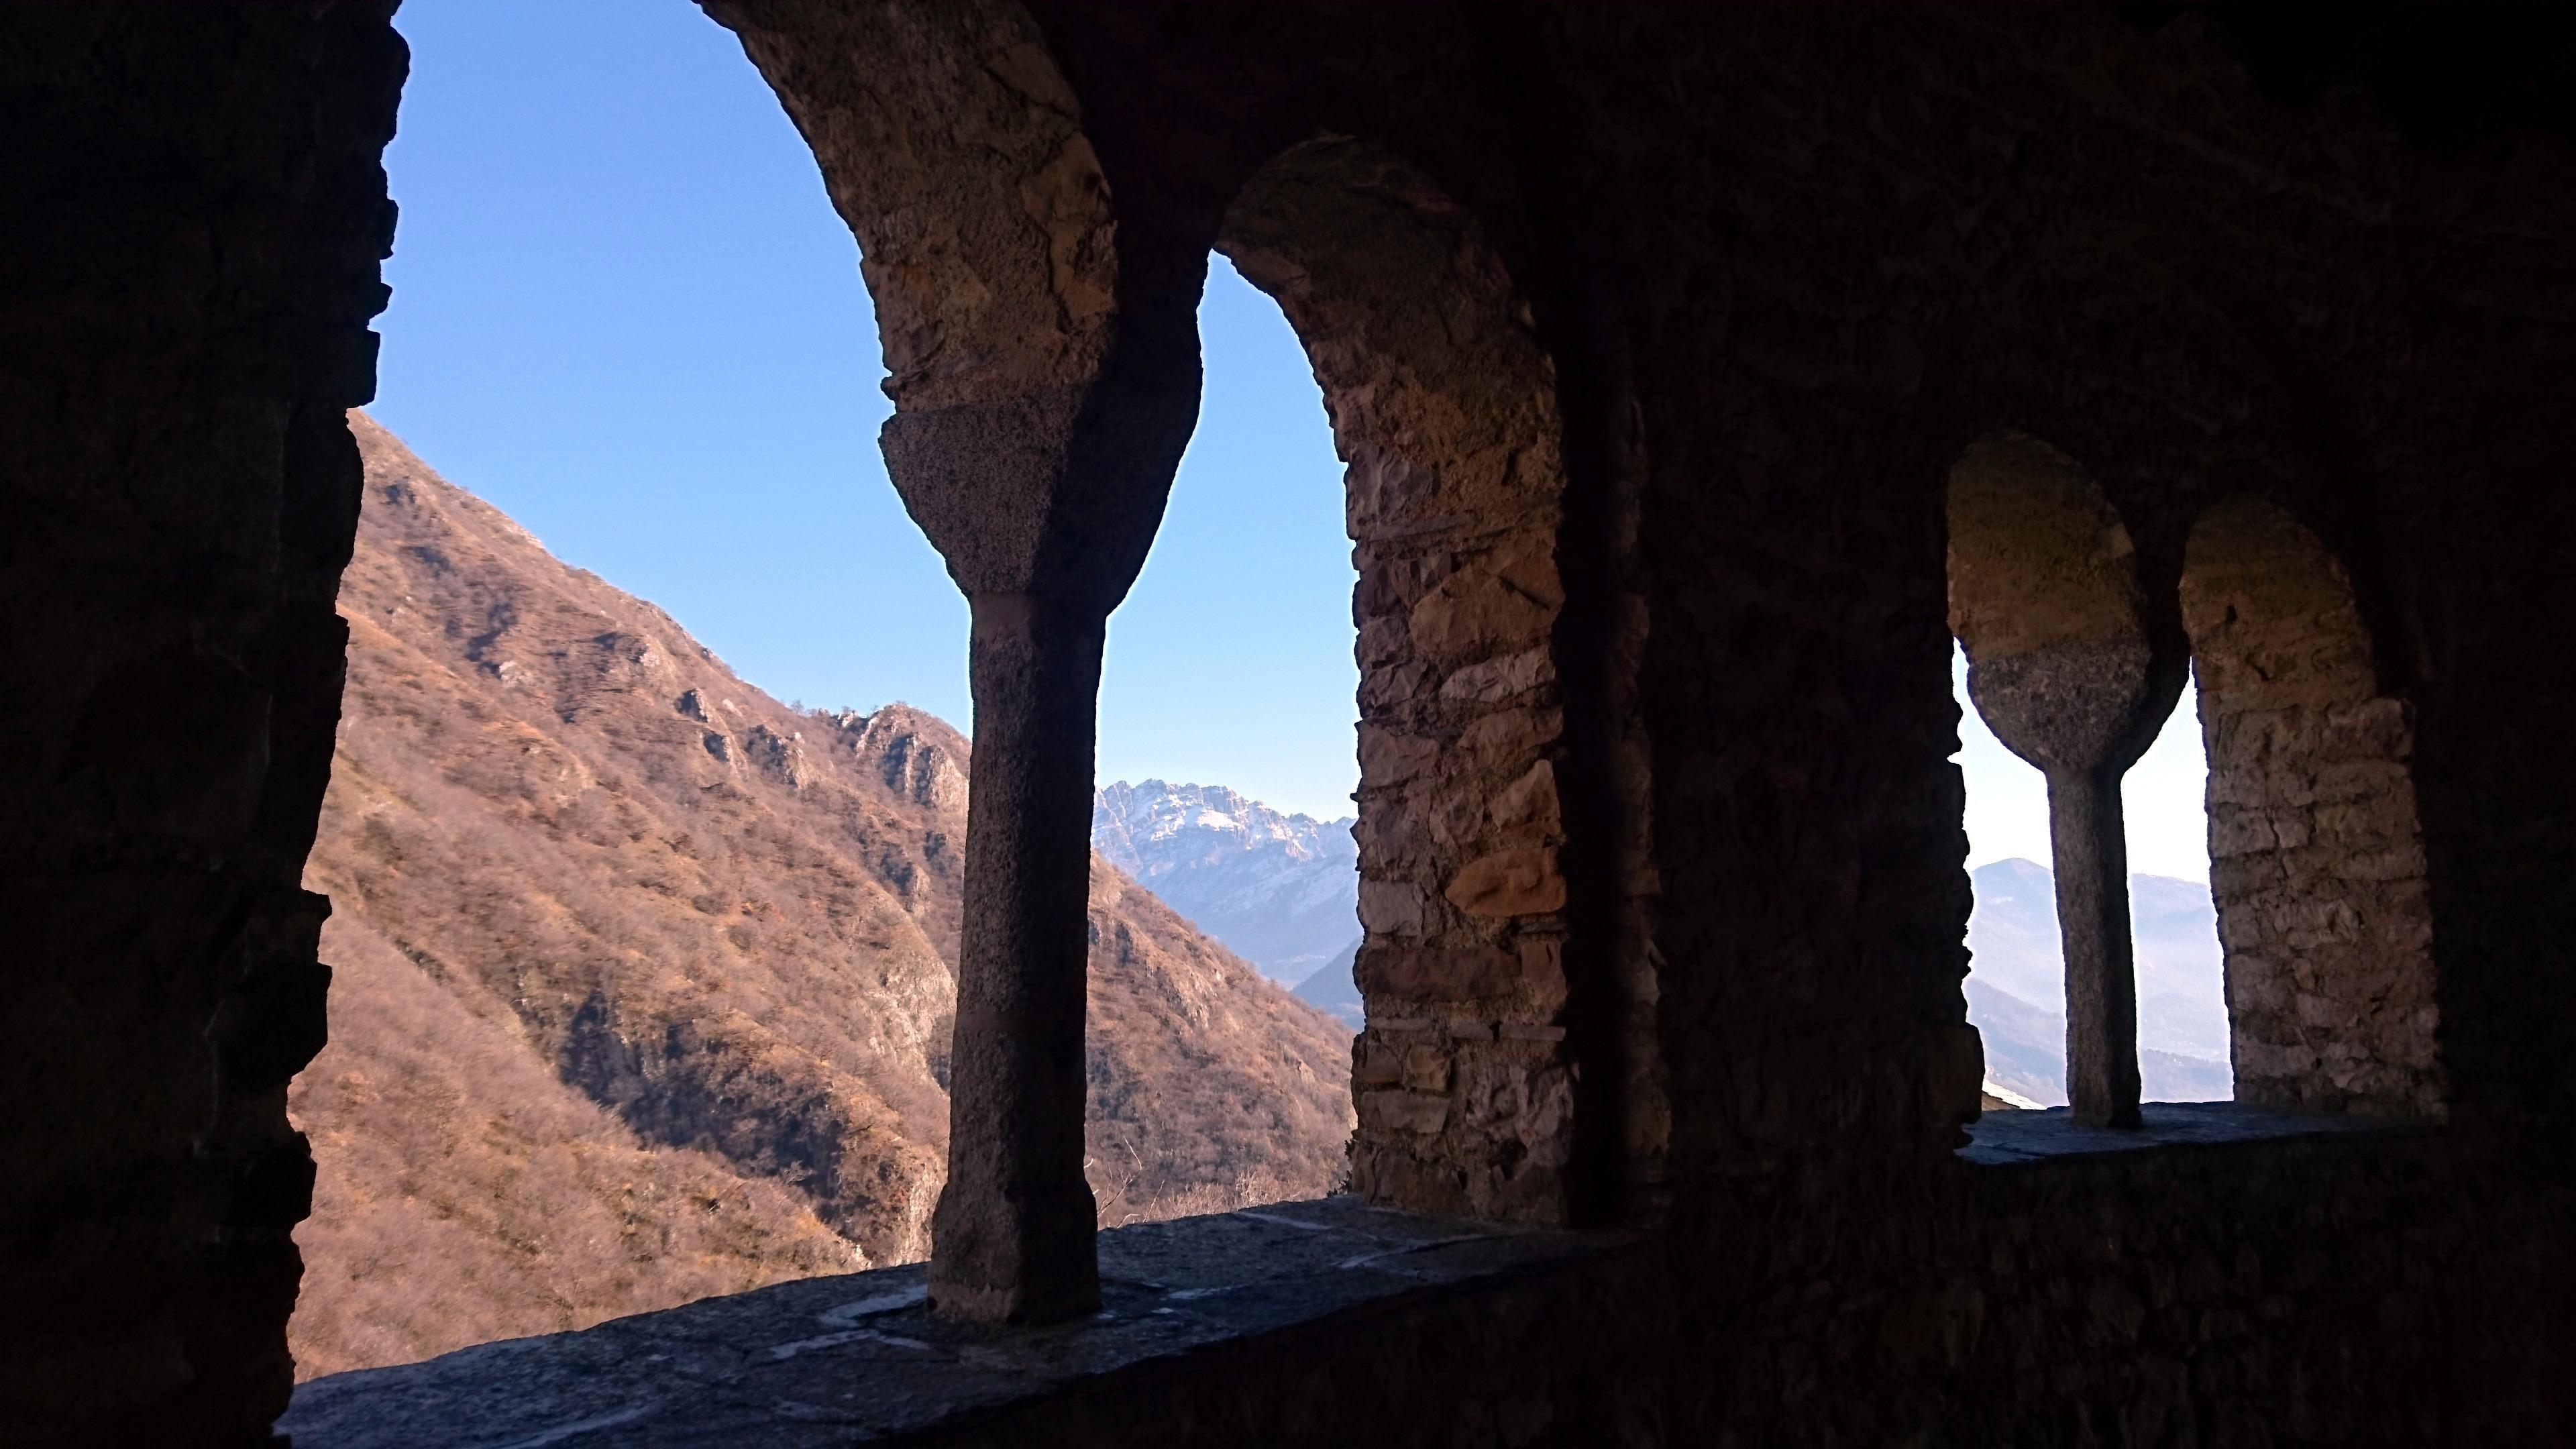 Dagli archi si scorgono sullo sfondo le cime del Resegone